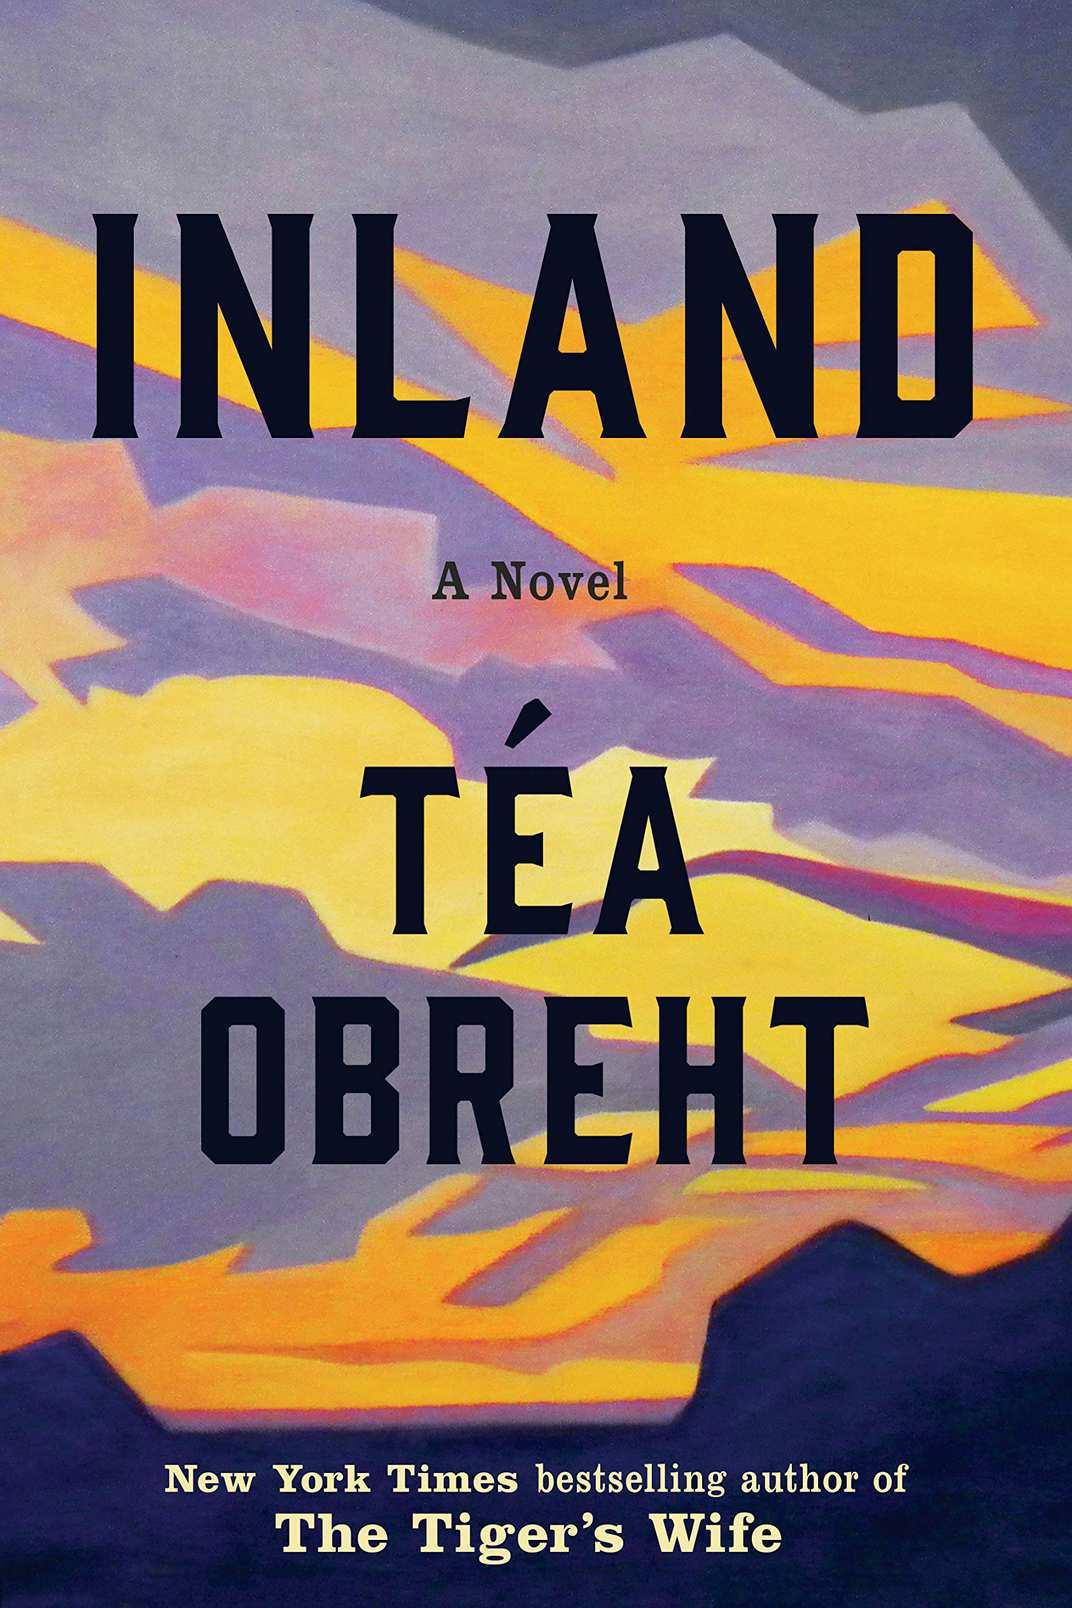 Inland, by Téa Obreht (Random House, August 13)